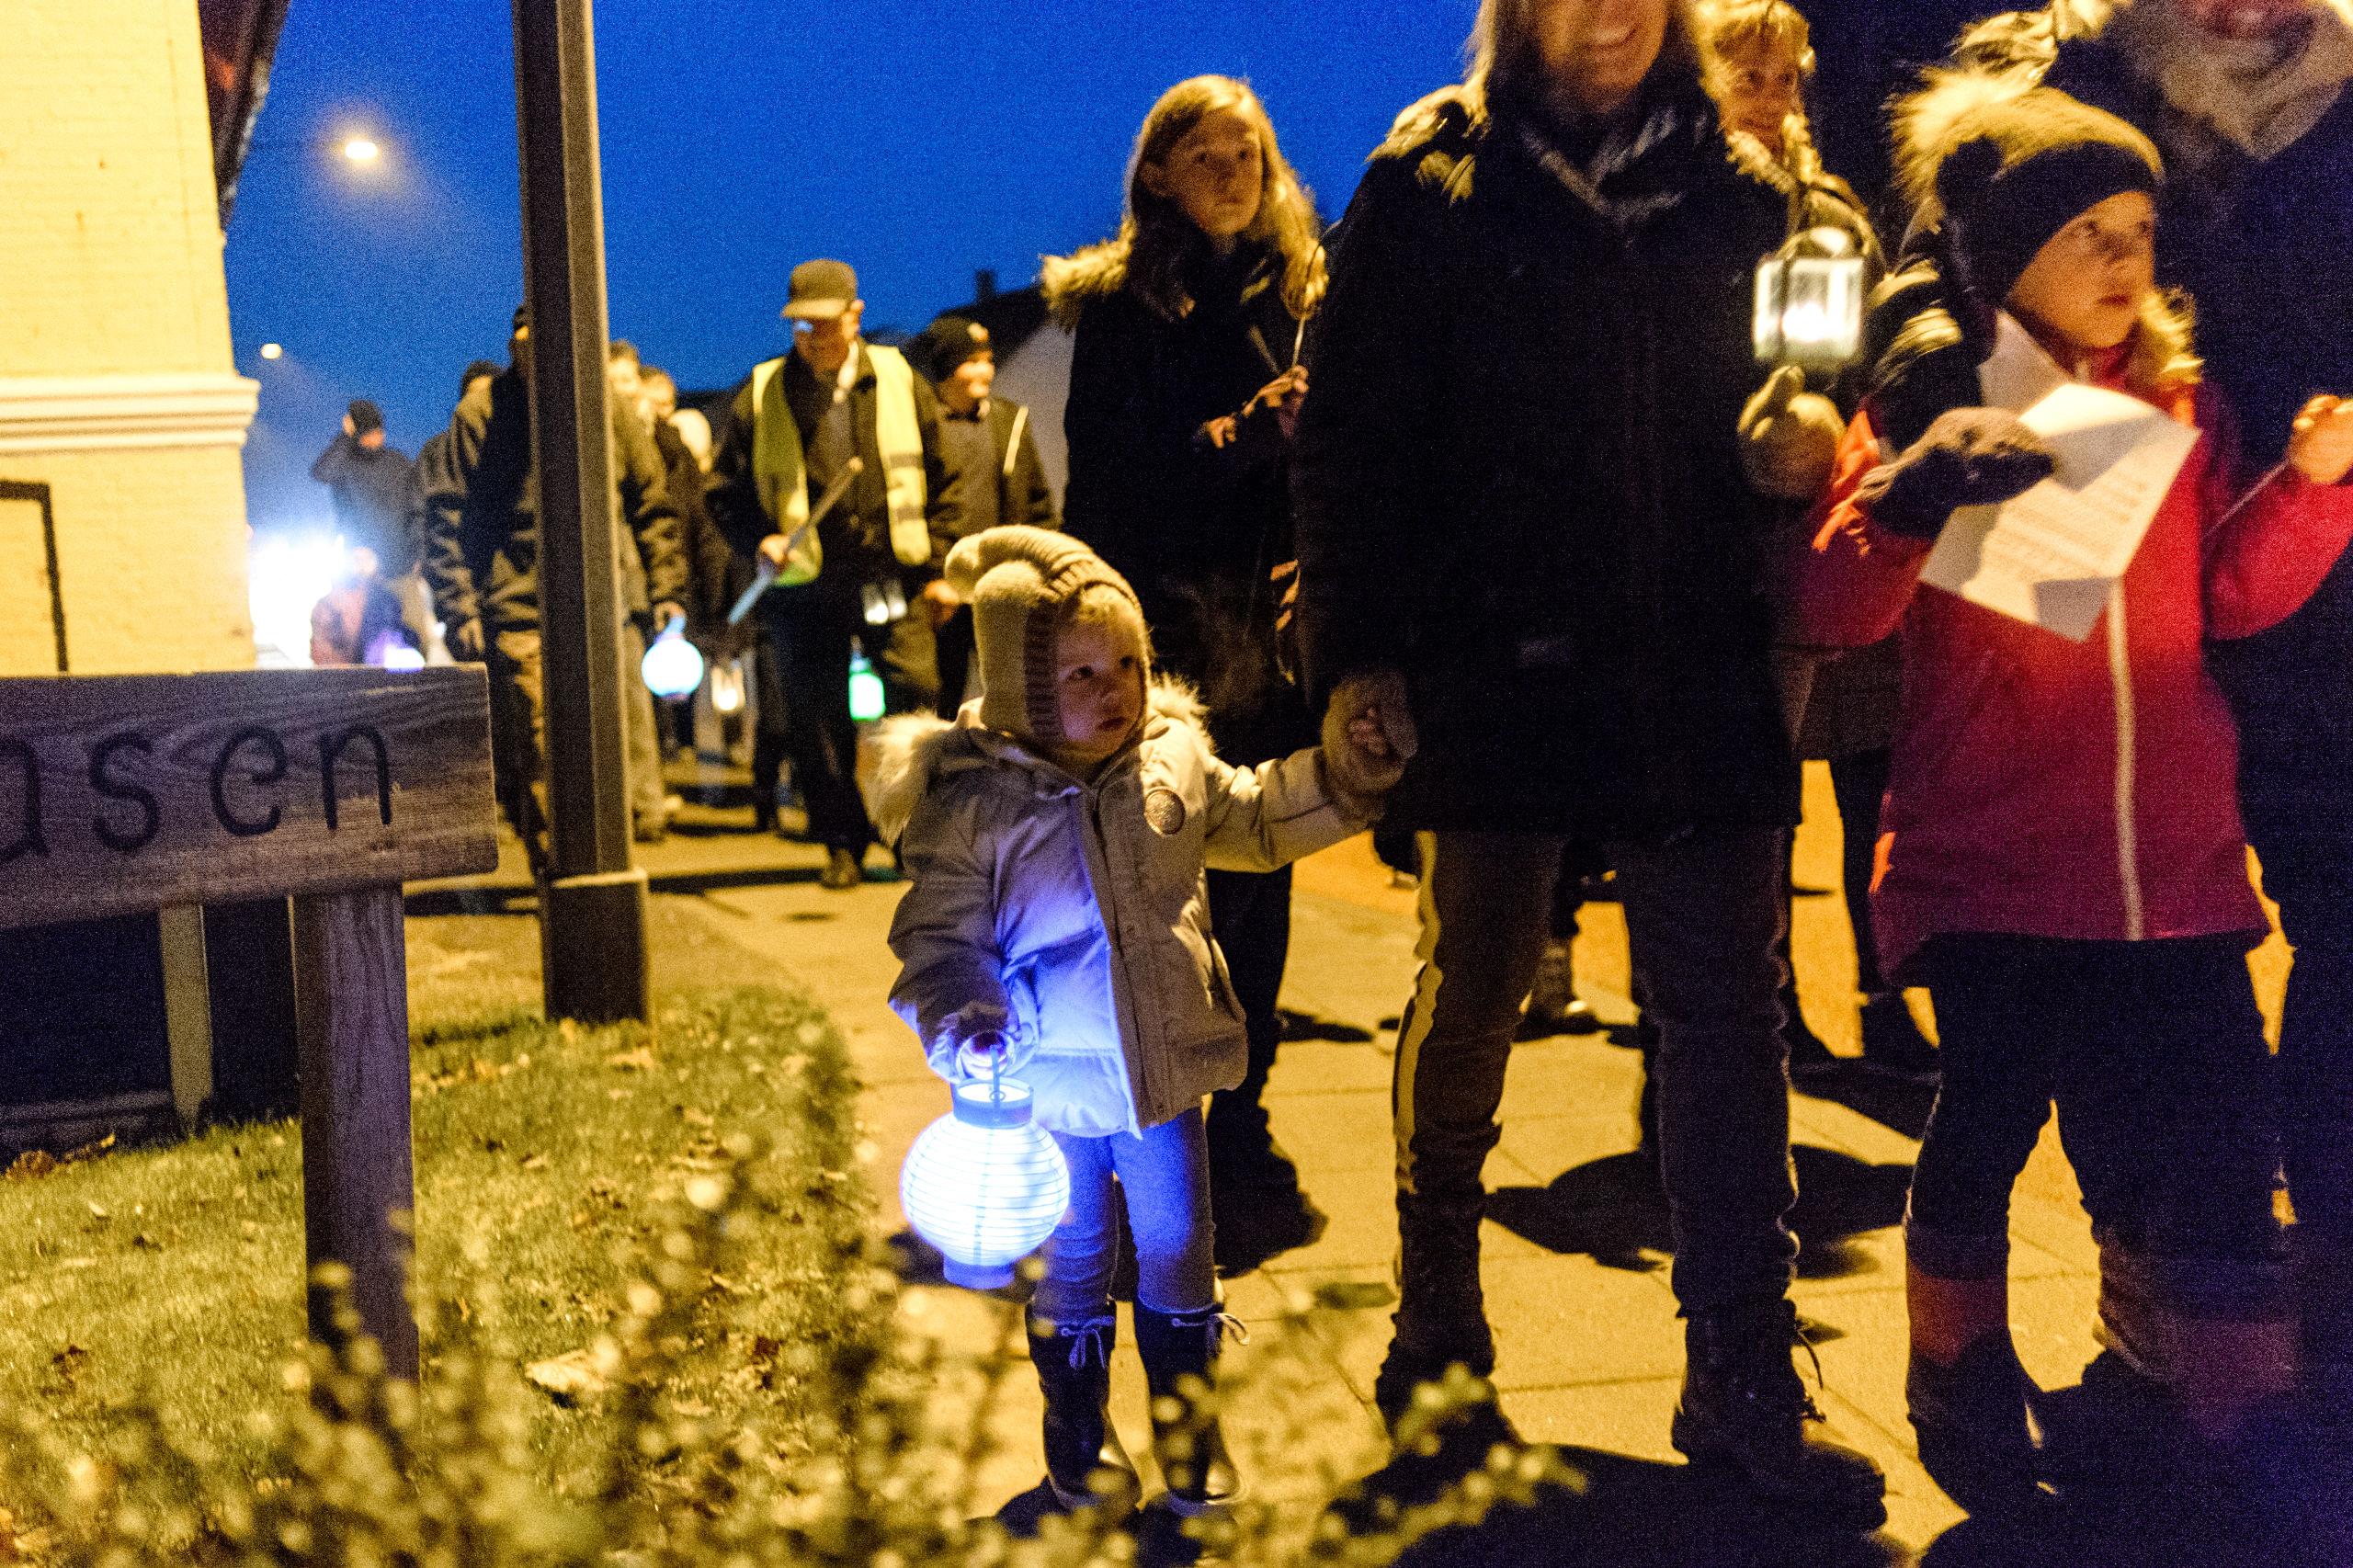 Der er lagt op til lysfest, når Aalborg Karneval, Musikkens Hus, Erhverv Norddanmark og Aalborg Events i fællesskab inviterer til en lysparade i forbindelse med Danmarksindsamlingen. Arkivfoto